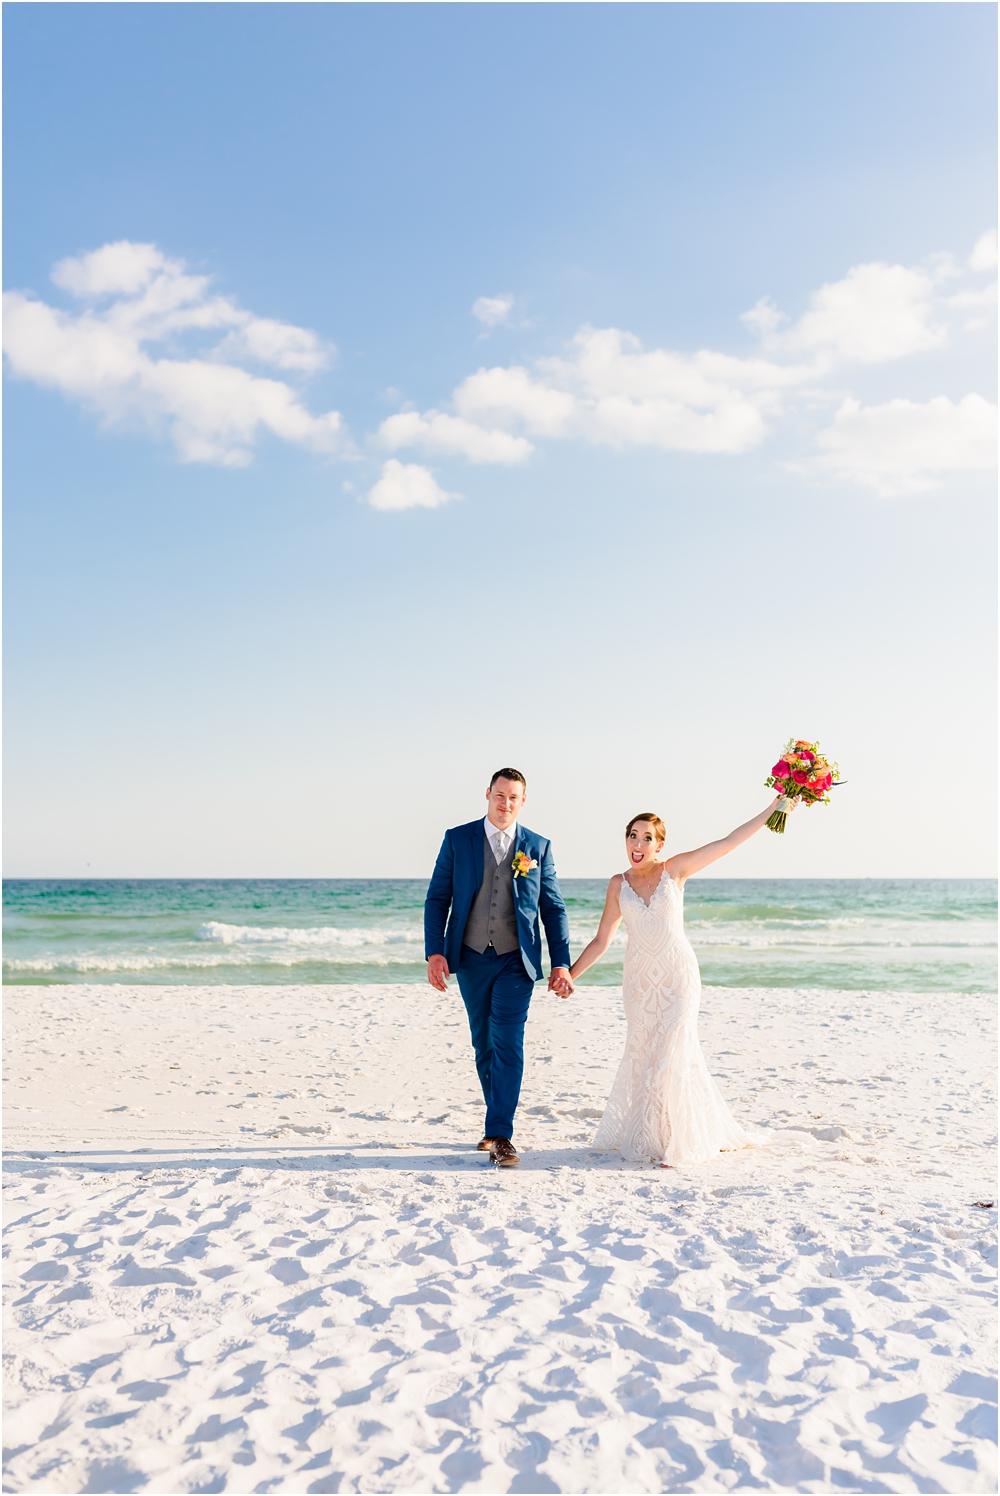 destin-sunquest-cruise-wedding-kiersten-stevenson-photography-98.jpg